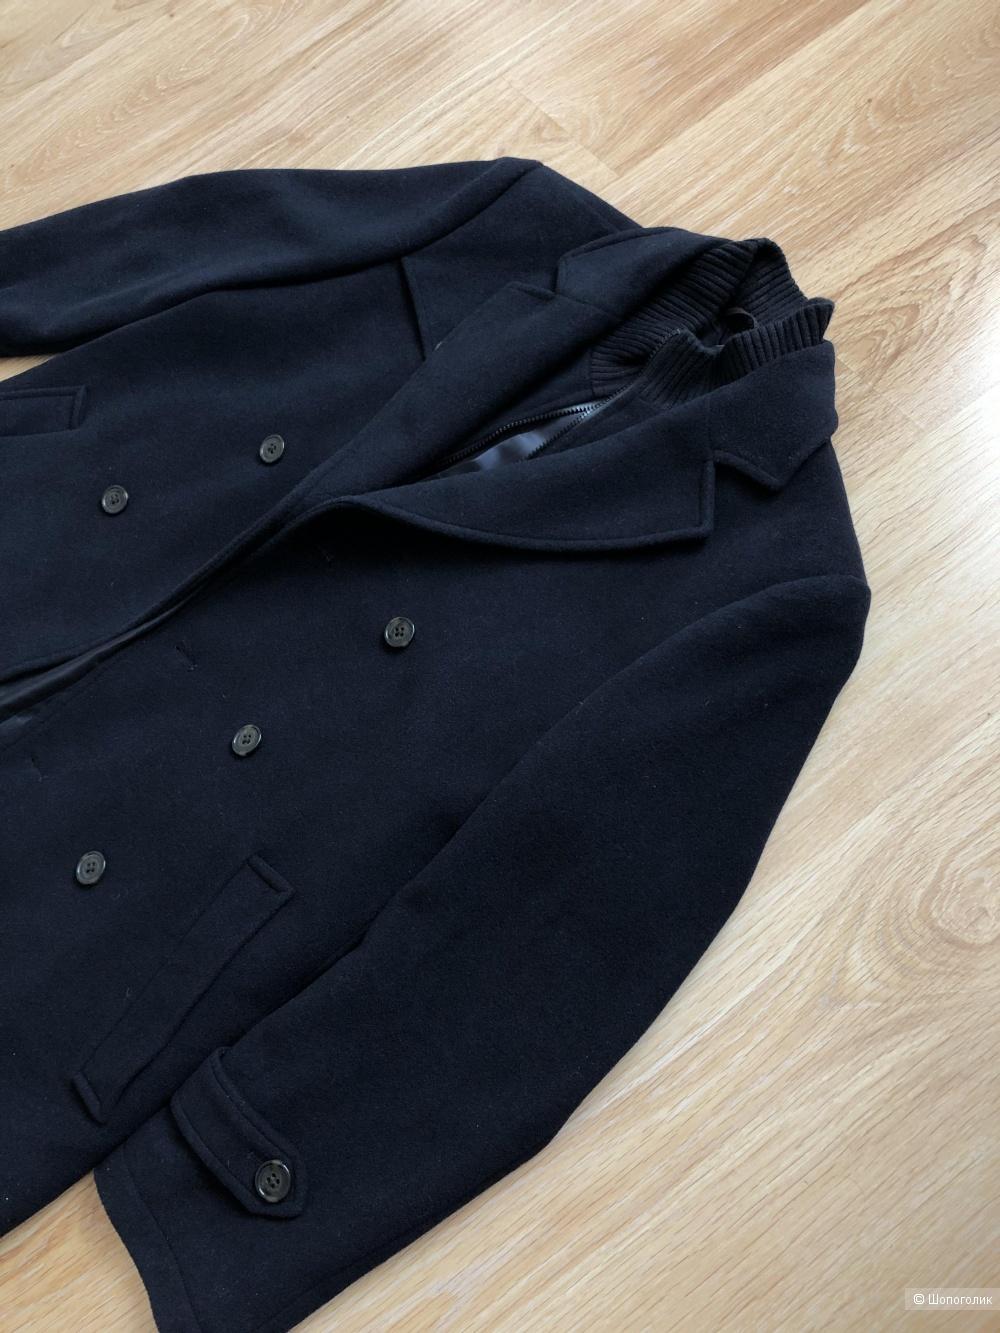 Мужское пальто Ralph Lauren размер 42L